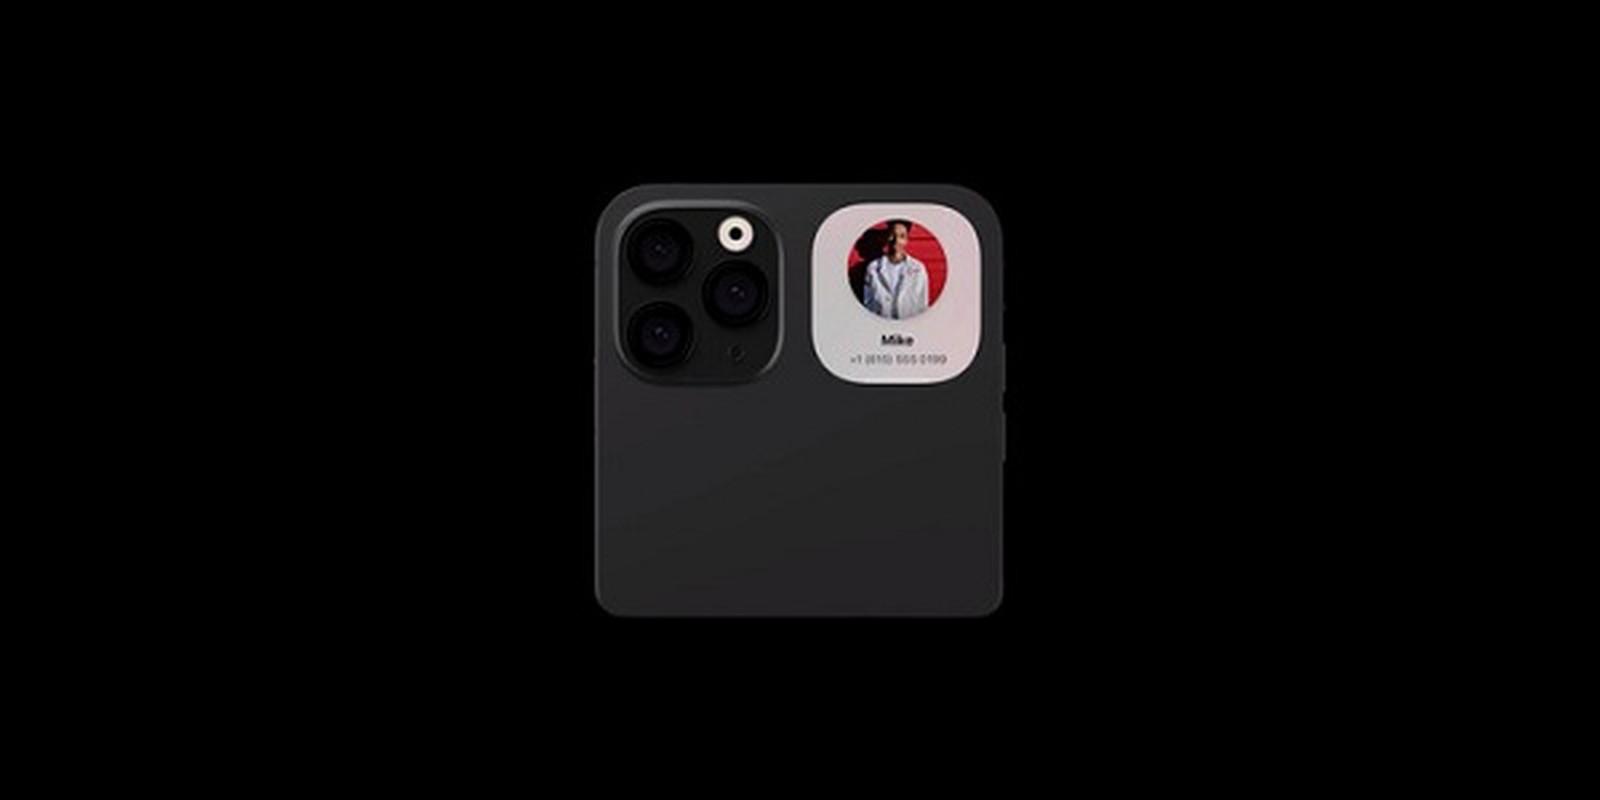 iPhone 12 man hinh gap lo dien dep quen sau thach thuc moi doi thu-Hinh-8